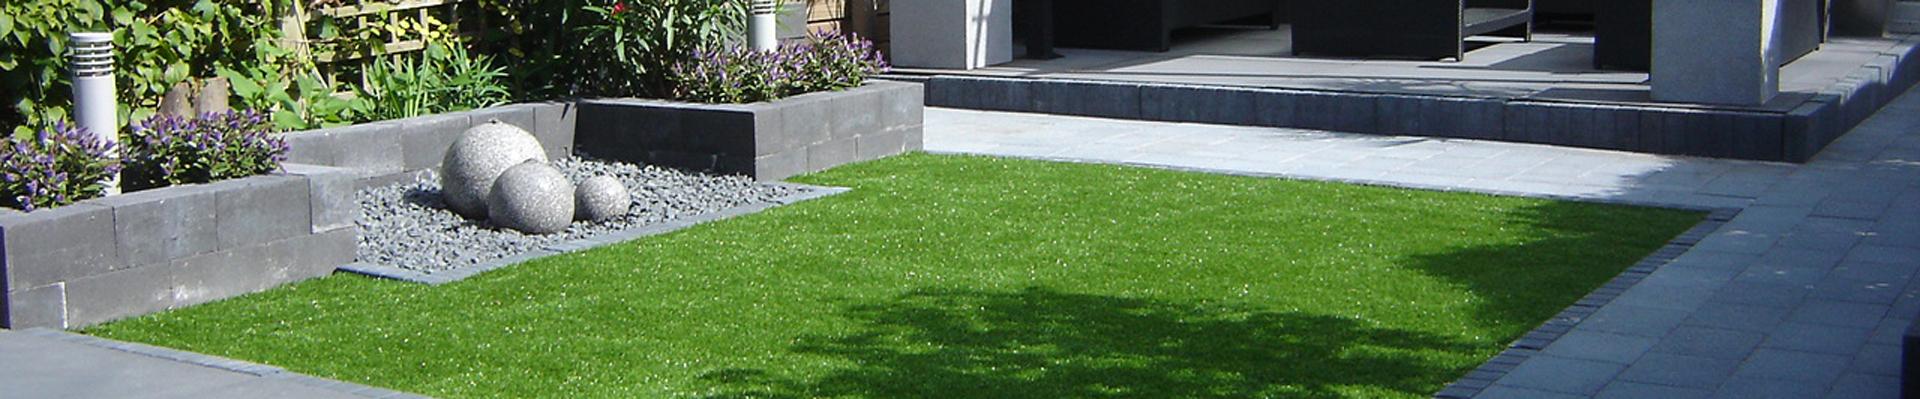 Kunstgras aangelegd